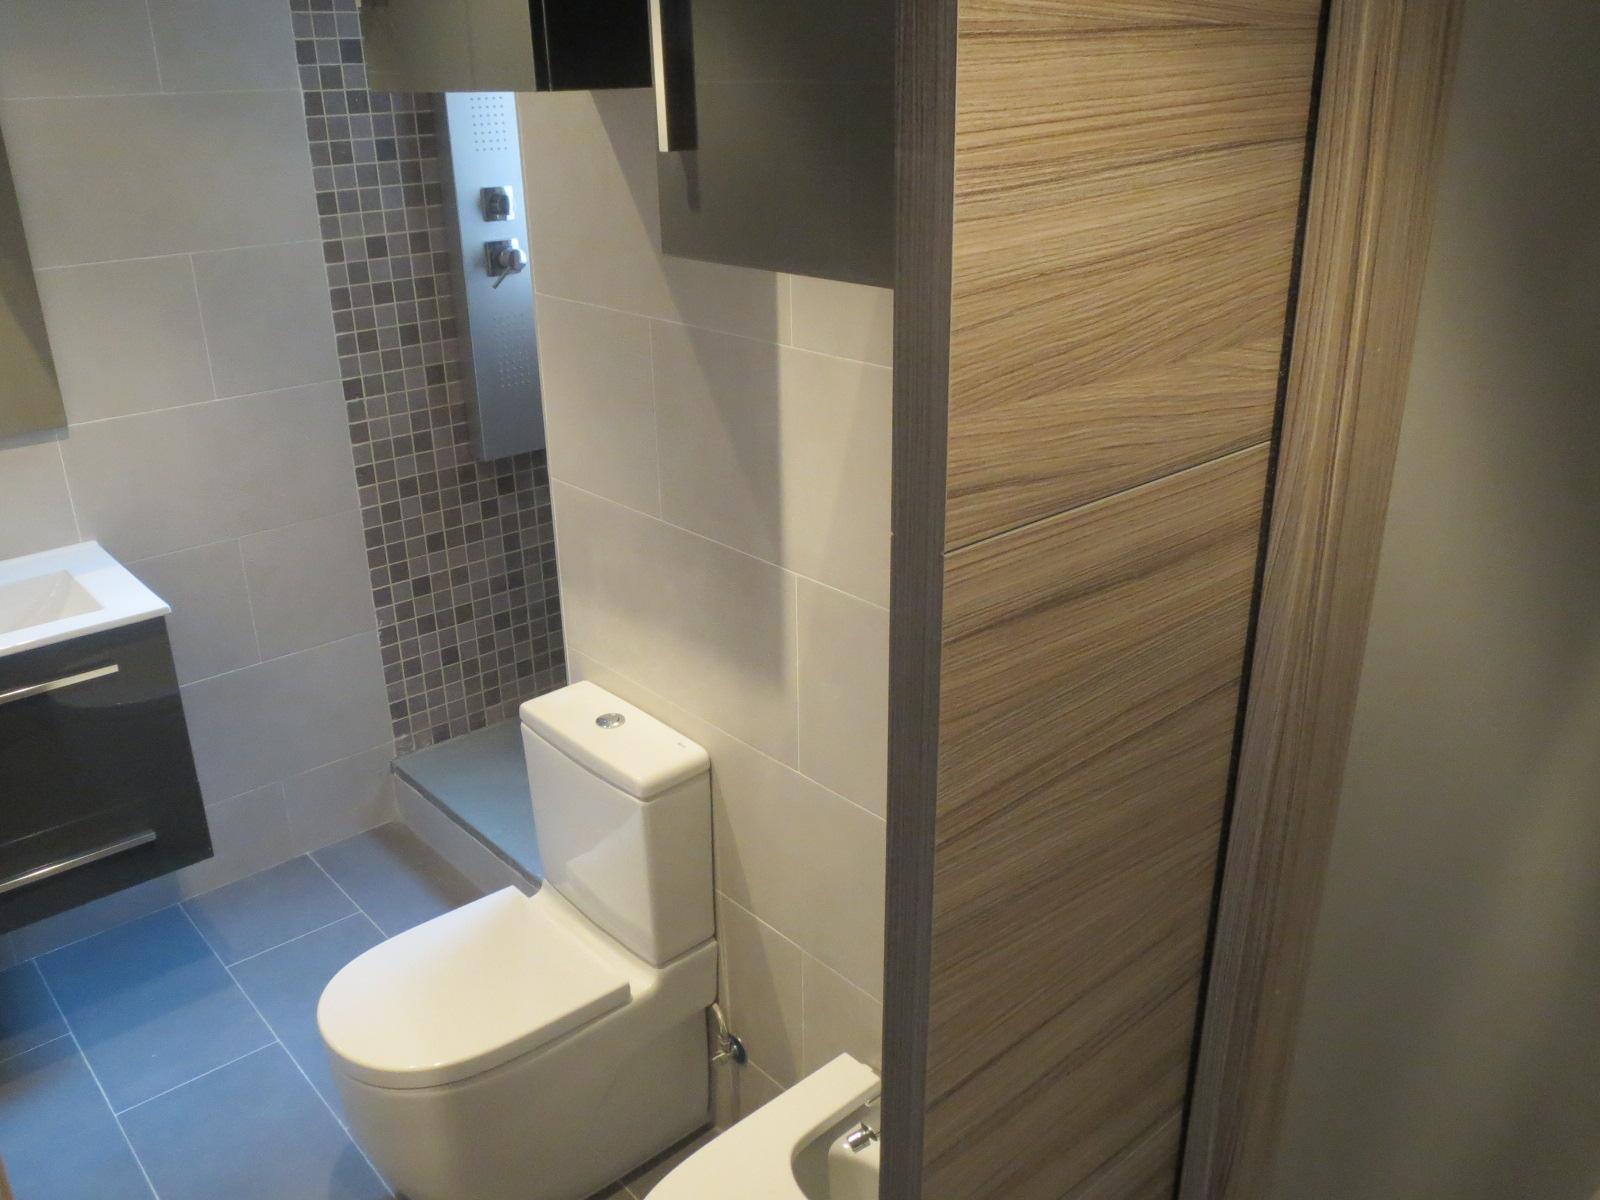 Reformas y Mejoras: Recomendaciones al reformar un cuarto de baño